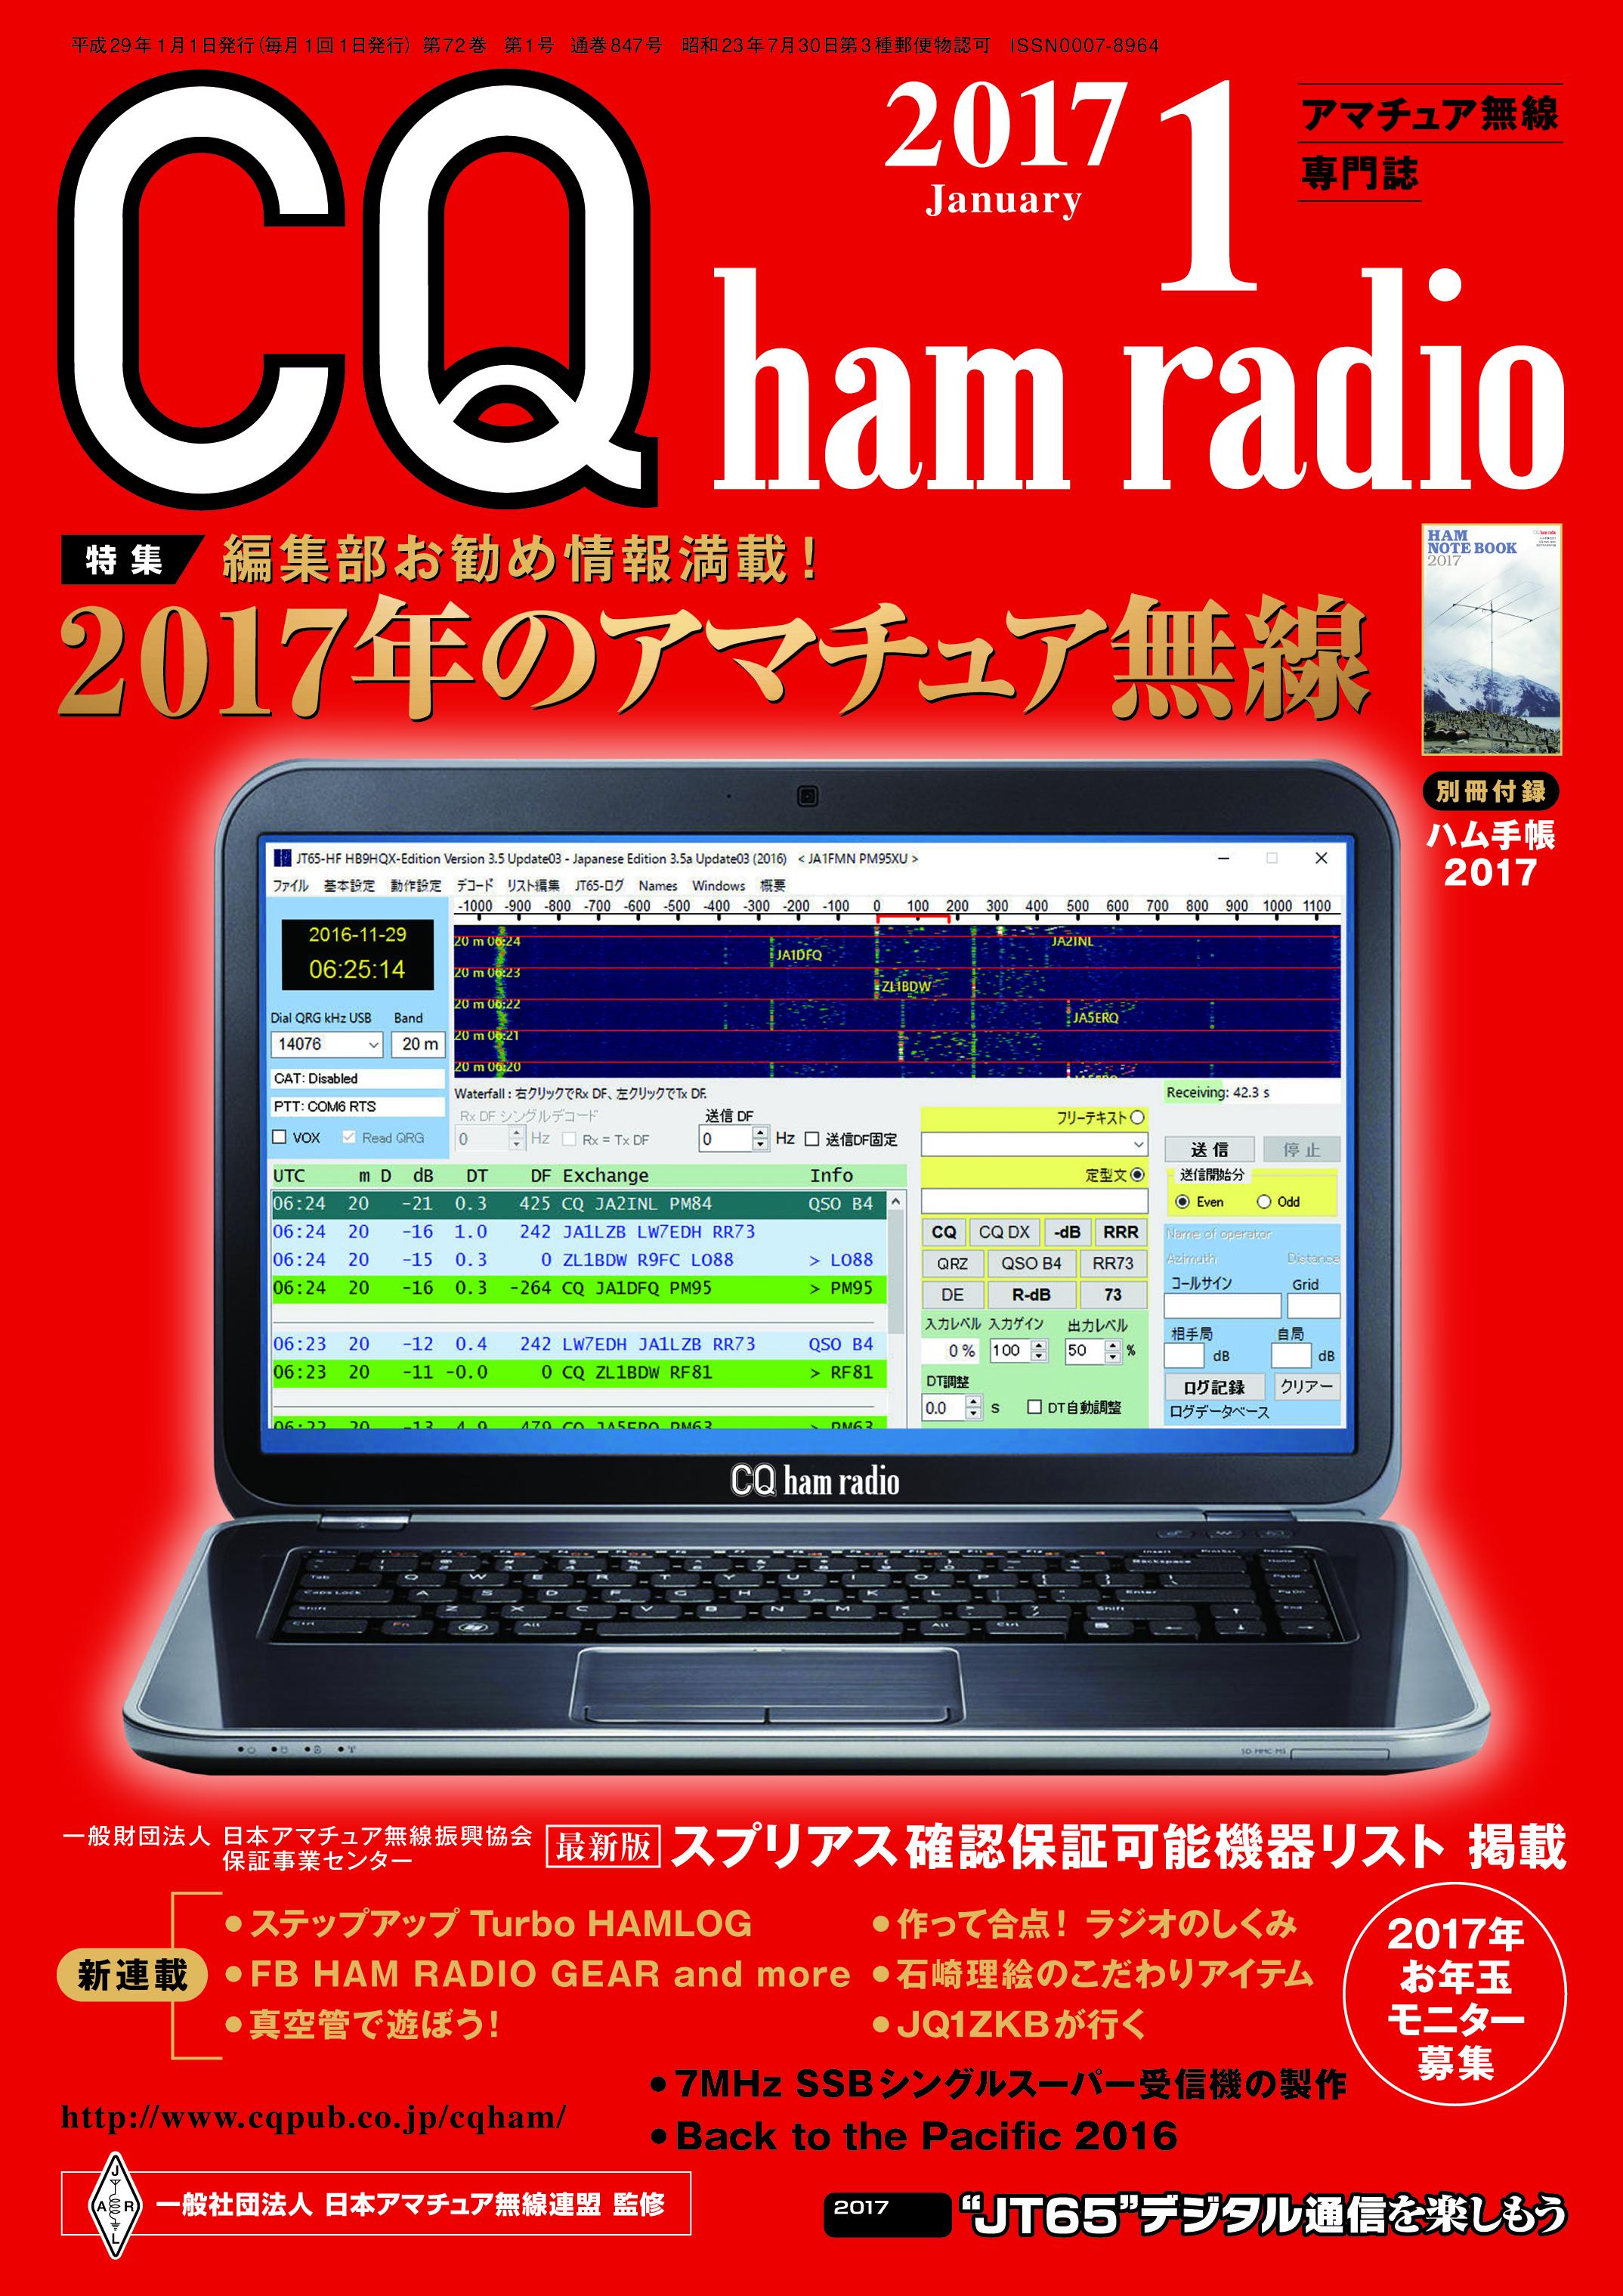 CQ ham radio 2017年1月号